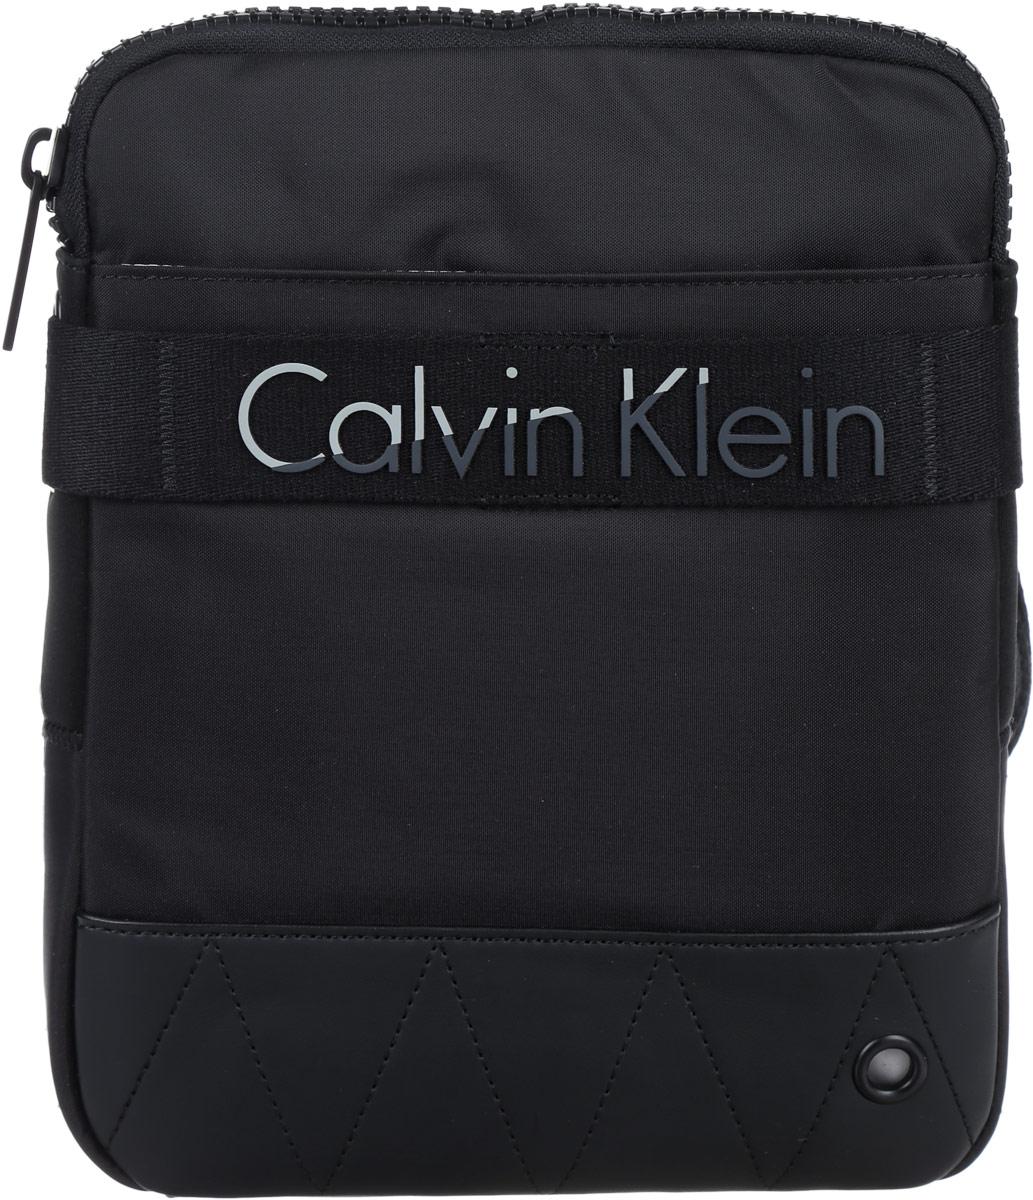 Сумка мужская Calvin Klein Jeans, цвет: черный. K50K502291_0010K50K502291_0010Стильная мужская сумка Calvin Klein Jeans выполнена из полиуретана, полиамида и полиэстера. Изделие имеет одно отделение, которое закрывается на застежку-молнию. Внутри находится накладной открытый карман. Снаружи, на передней стенке расположен нашивной карман на липучке. Задняя часть сумки дополнена мягкой сетчатой вставкой, которая обеспечивает комфорт при носке. Сумка оснащена текстильным плечевым ремнем, который регулируется по длине. Стильная сумка идеально подчеркнет ваш неповторимый стиль.